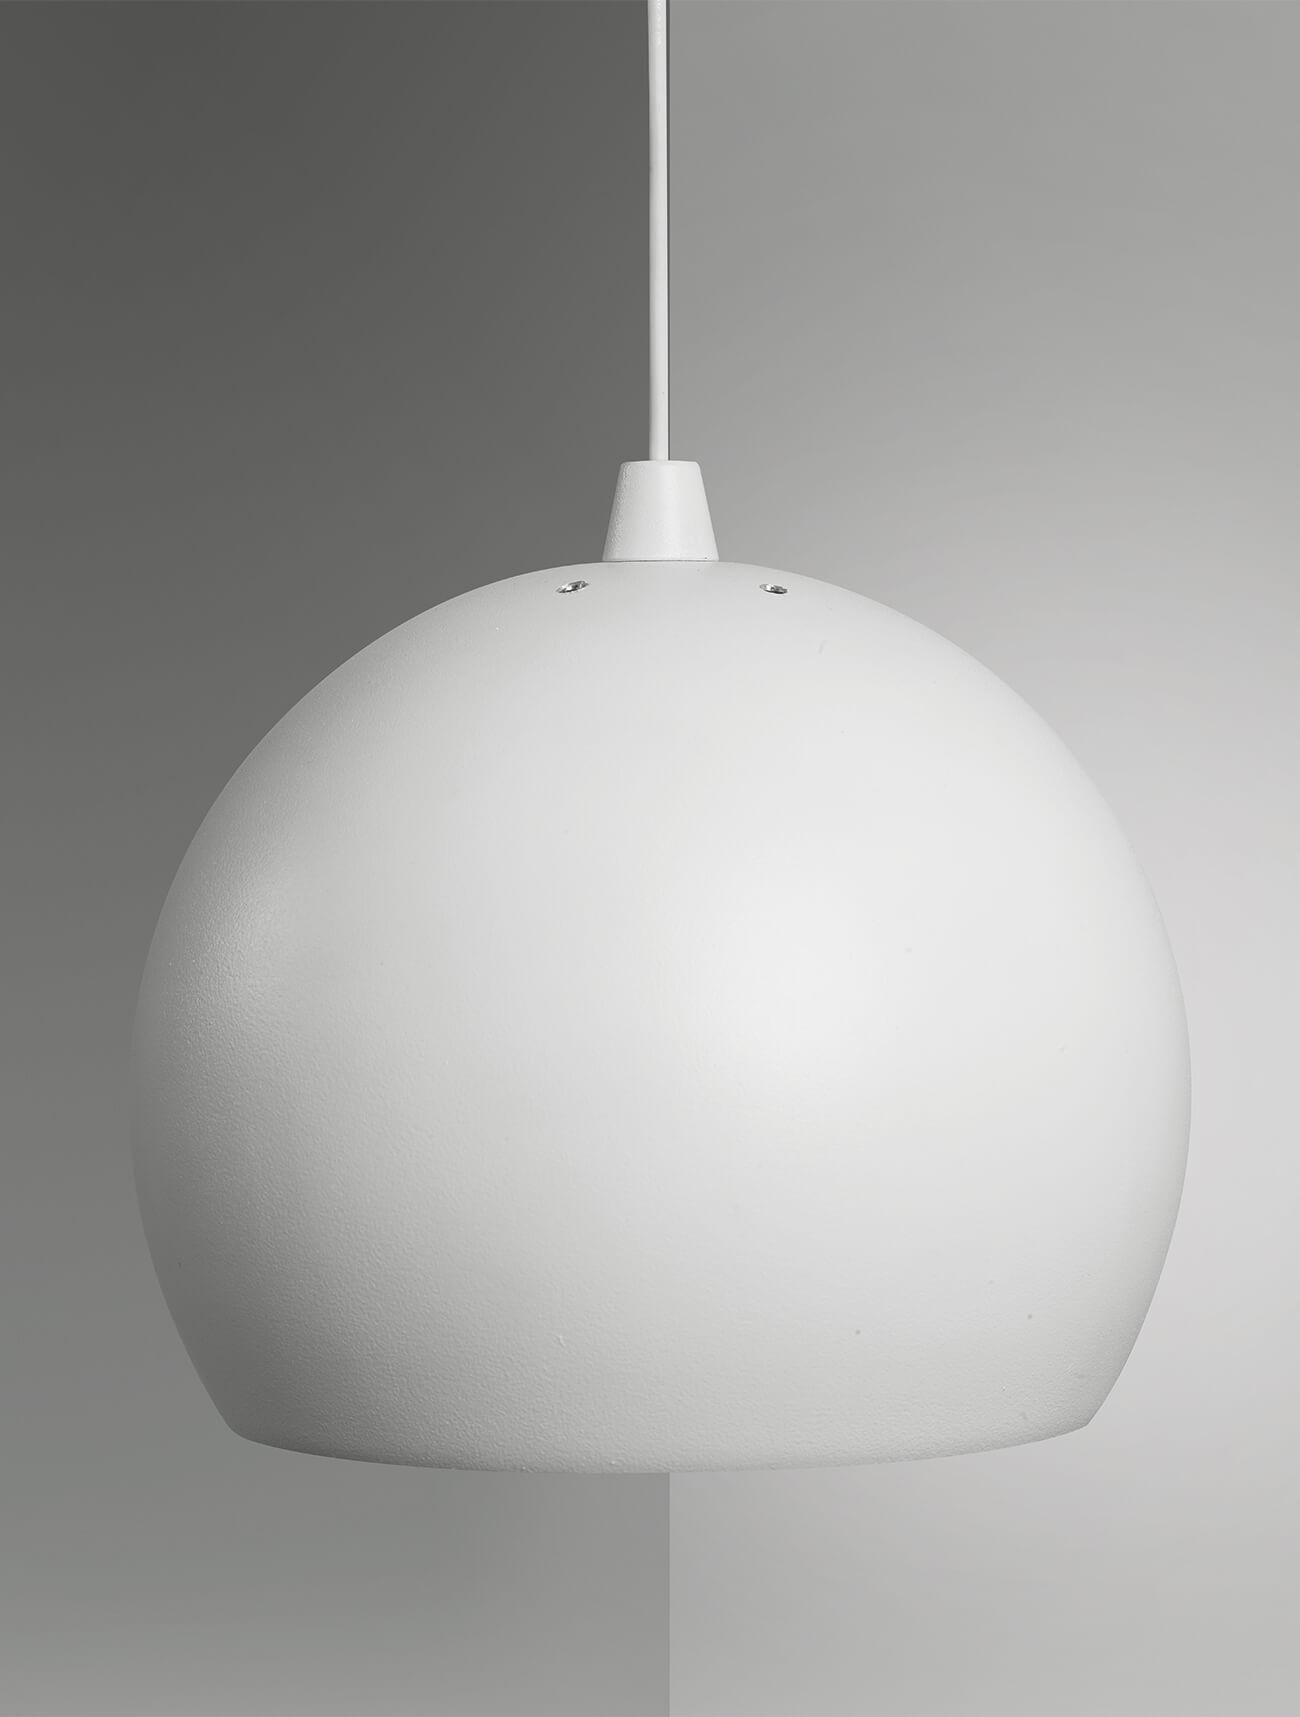 ball-01-still